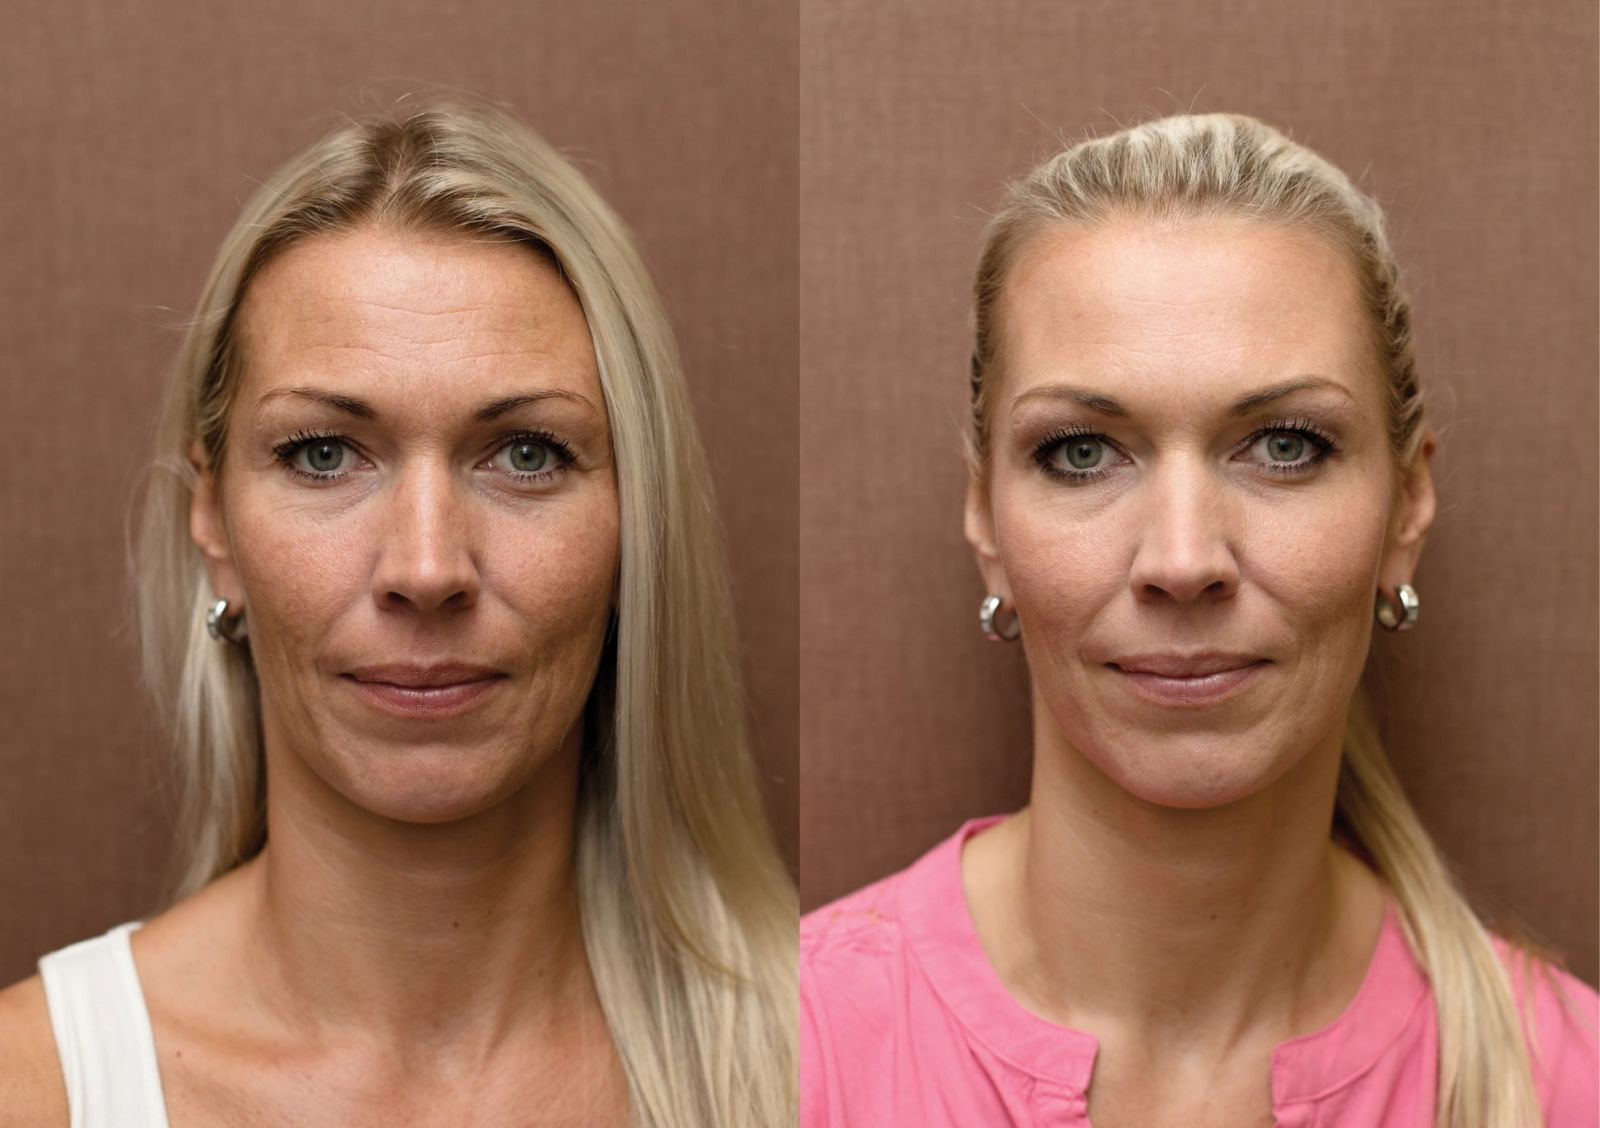 Anti-aging proměny: Plazmaterapie, chemický peeling, skinbooster, botulotoxin